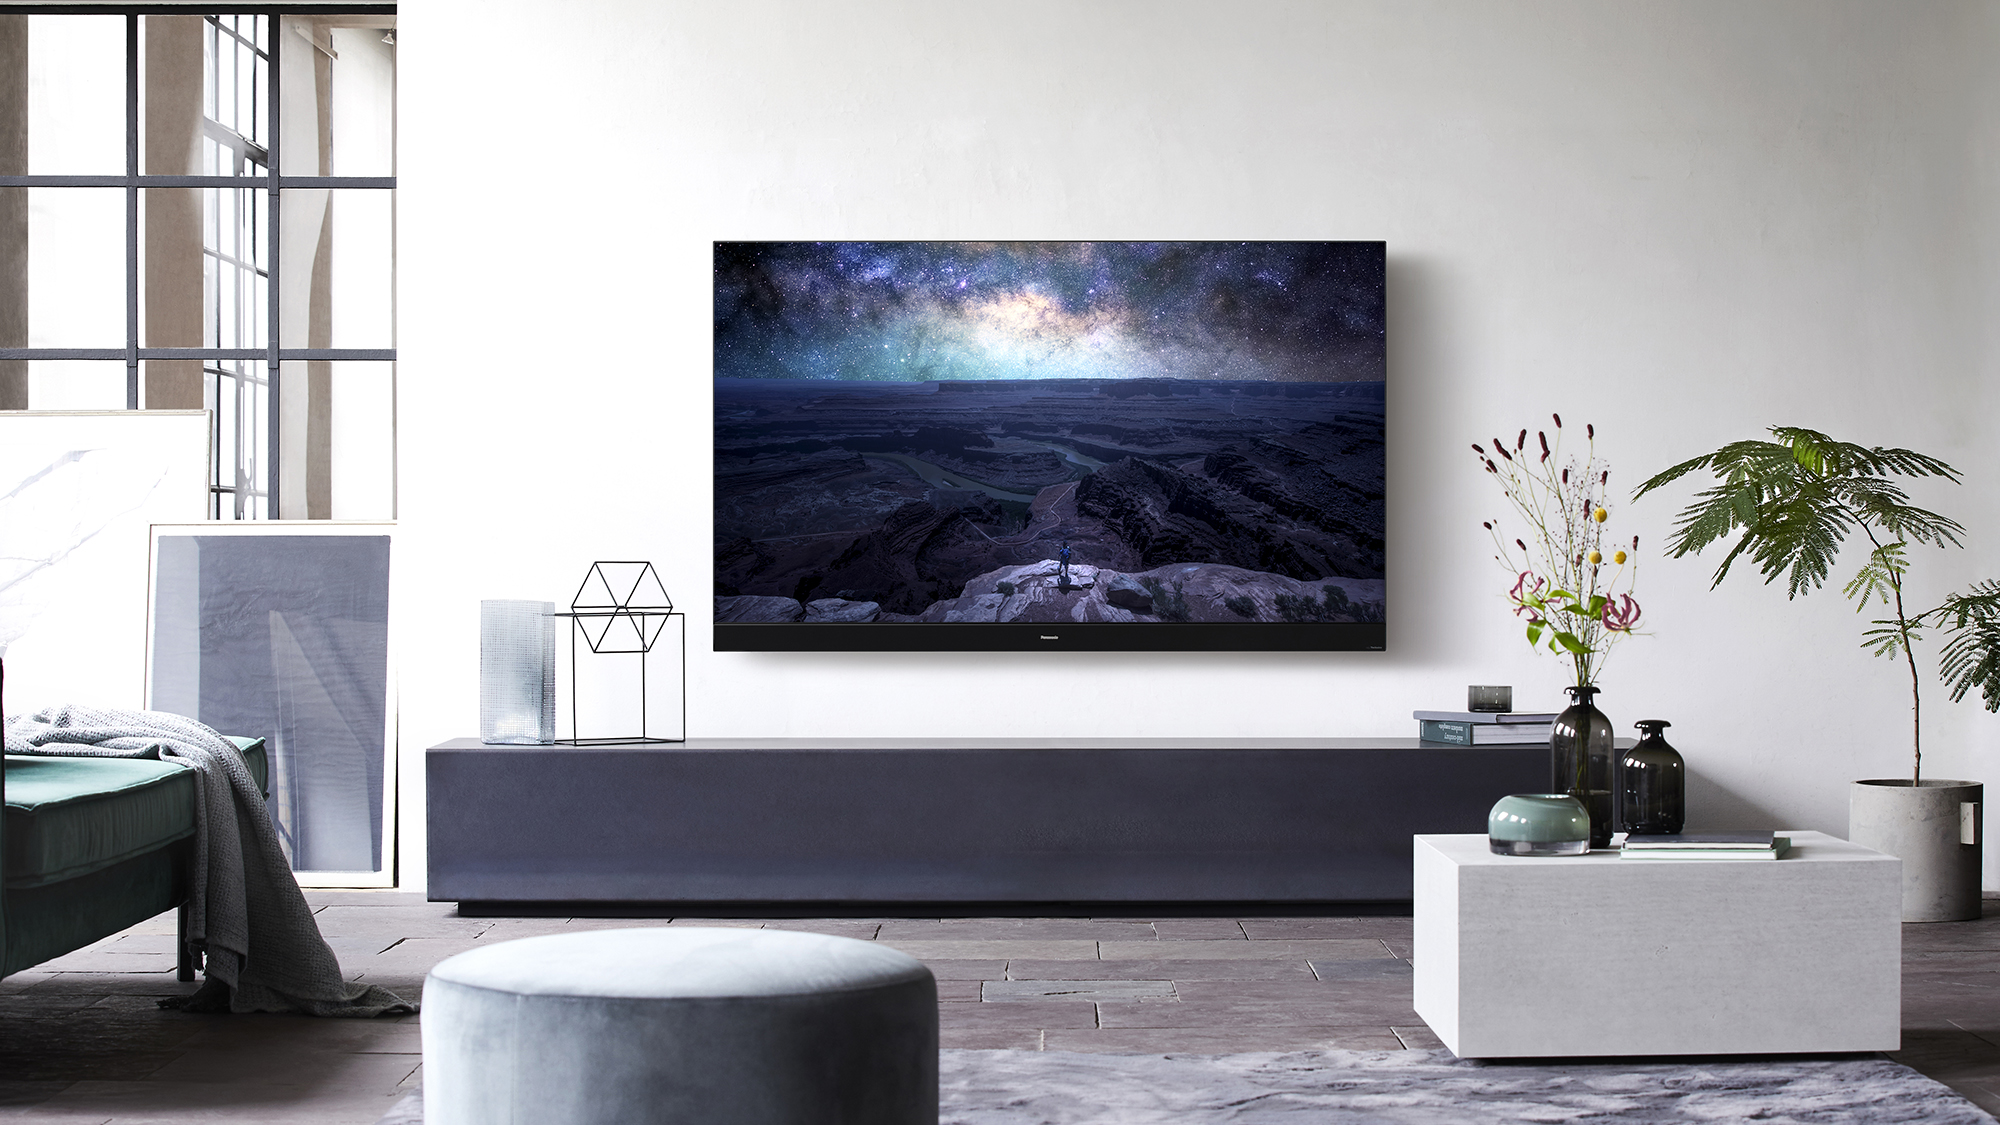 Лучшие телевизоры на android: рейтинг 2020